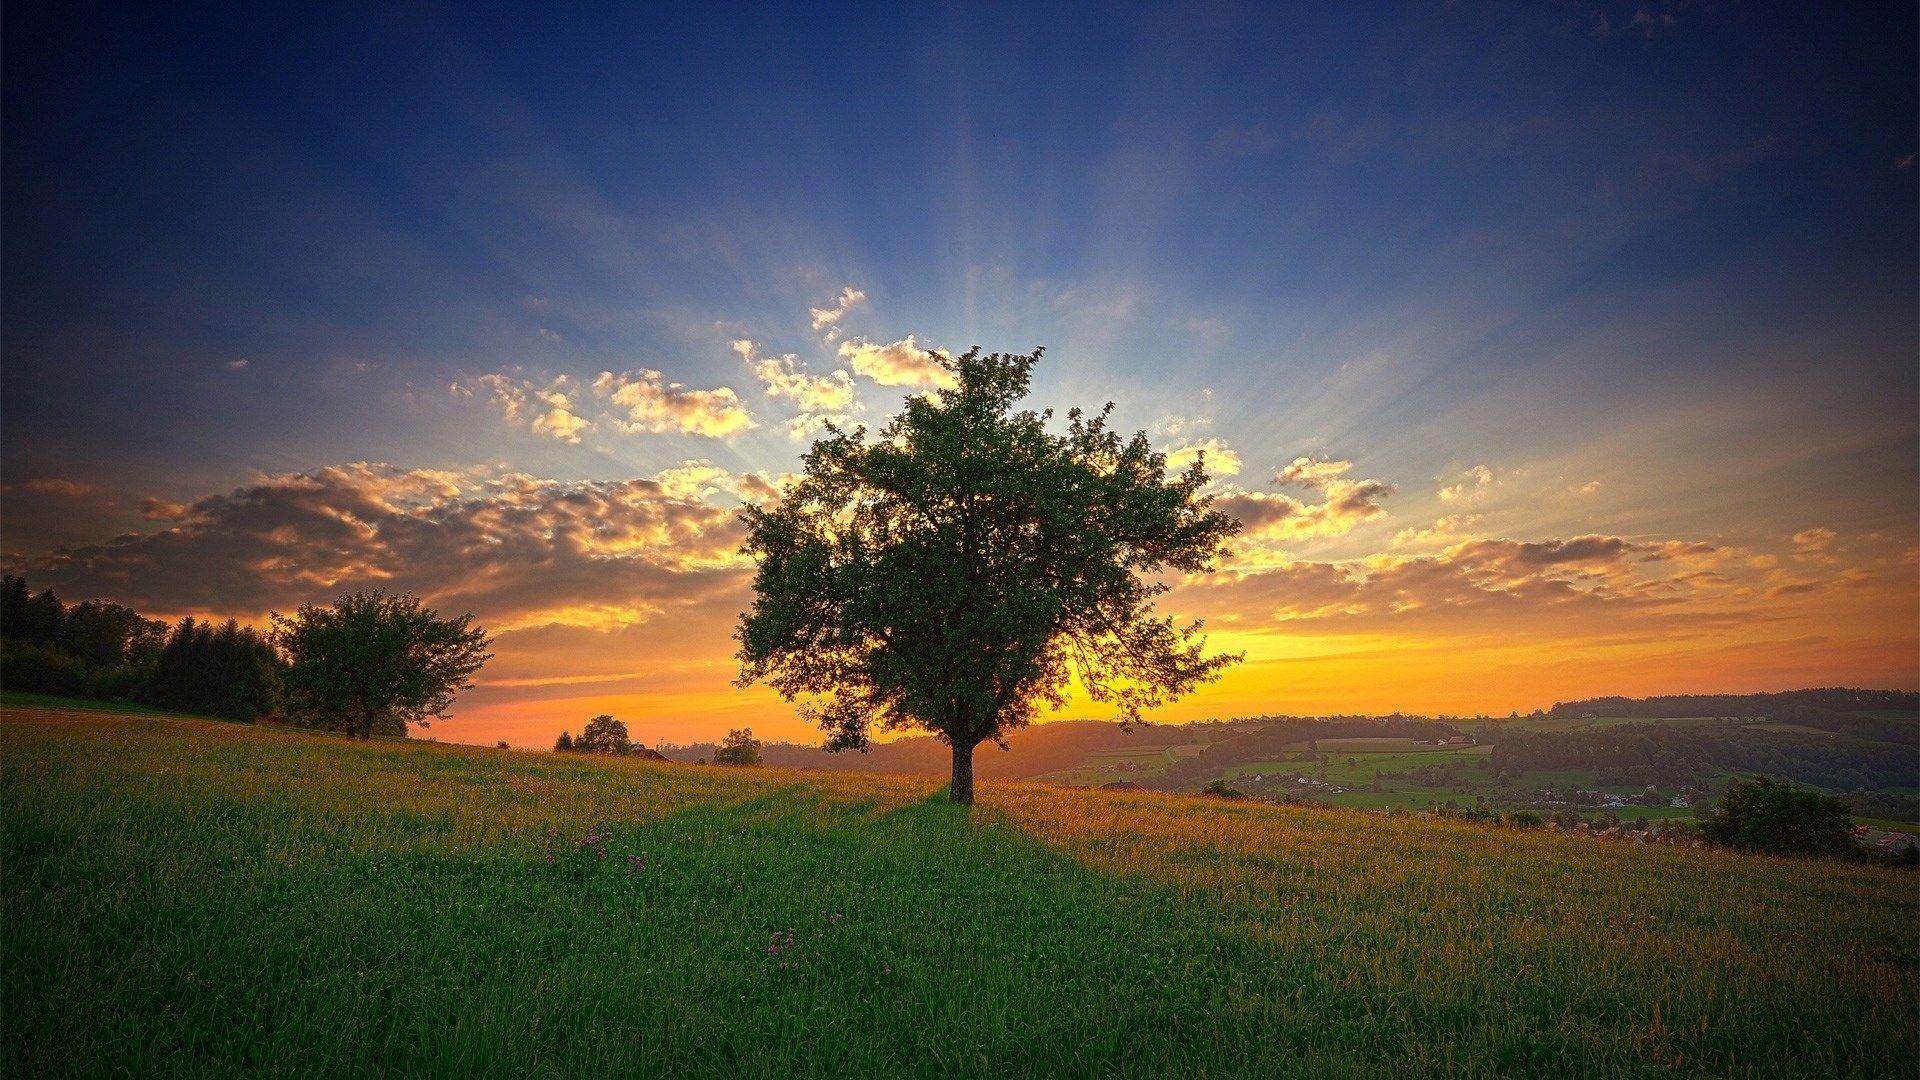 1920x1080 widescreen hd tree Sunset wallpaper, Landscape